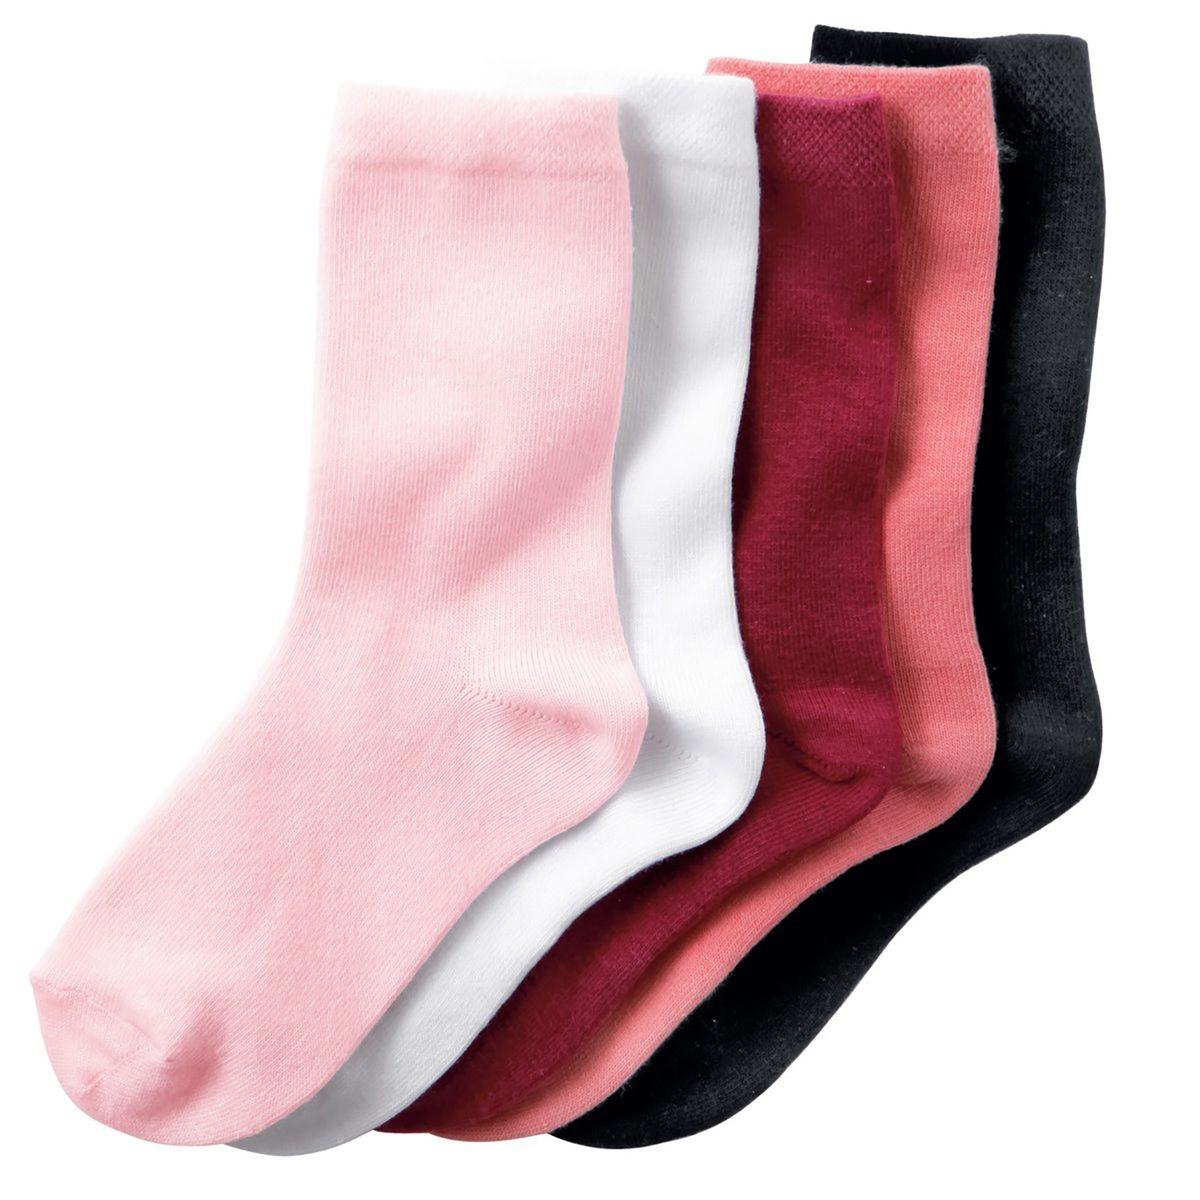 5 пар низких носковОписание:Низкие носки однотонные. В комплекте 5 пар носков.Состав и описание : Материал       78% хлопка, 20% полиамида, 2% эластанаМарка       R ?ditionХарактеристикиУход :Машинная стирка при 30°C с вещами подобных цветов.Стирать, предварительно вывернув наизнанку.Машинная сушка запрещена.Не гладить.<br><br>Цвет: белый + розовый + черный<br>Размер: 35/38.19/22.31/34.27/30.23/26